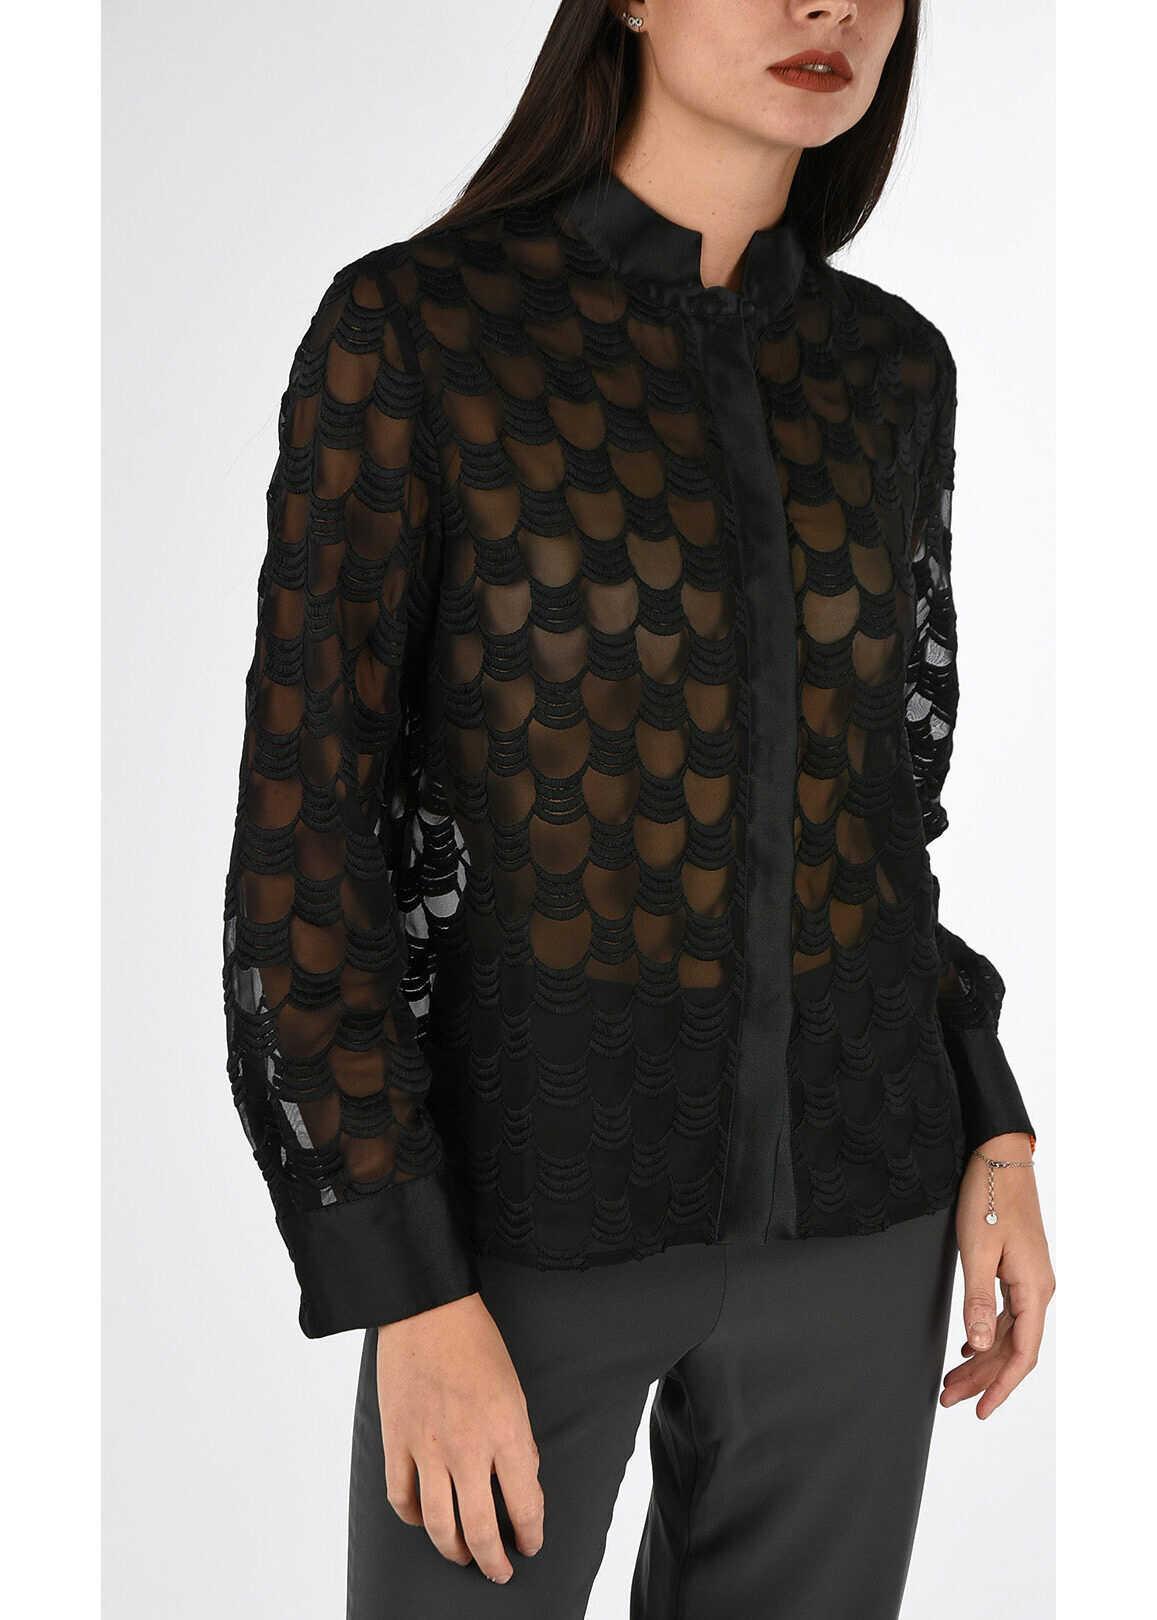 Armani COLLEZIONI Embroidered Blouse BLACK